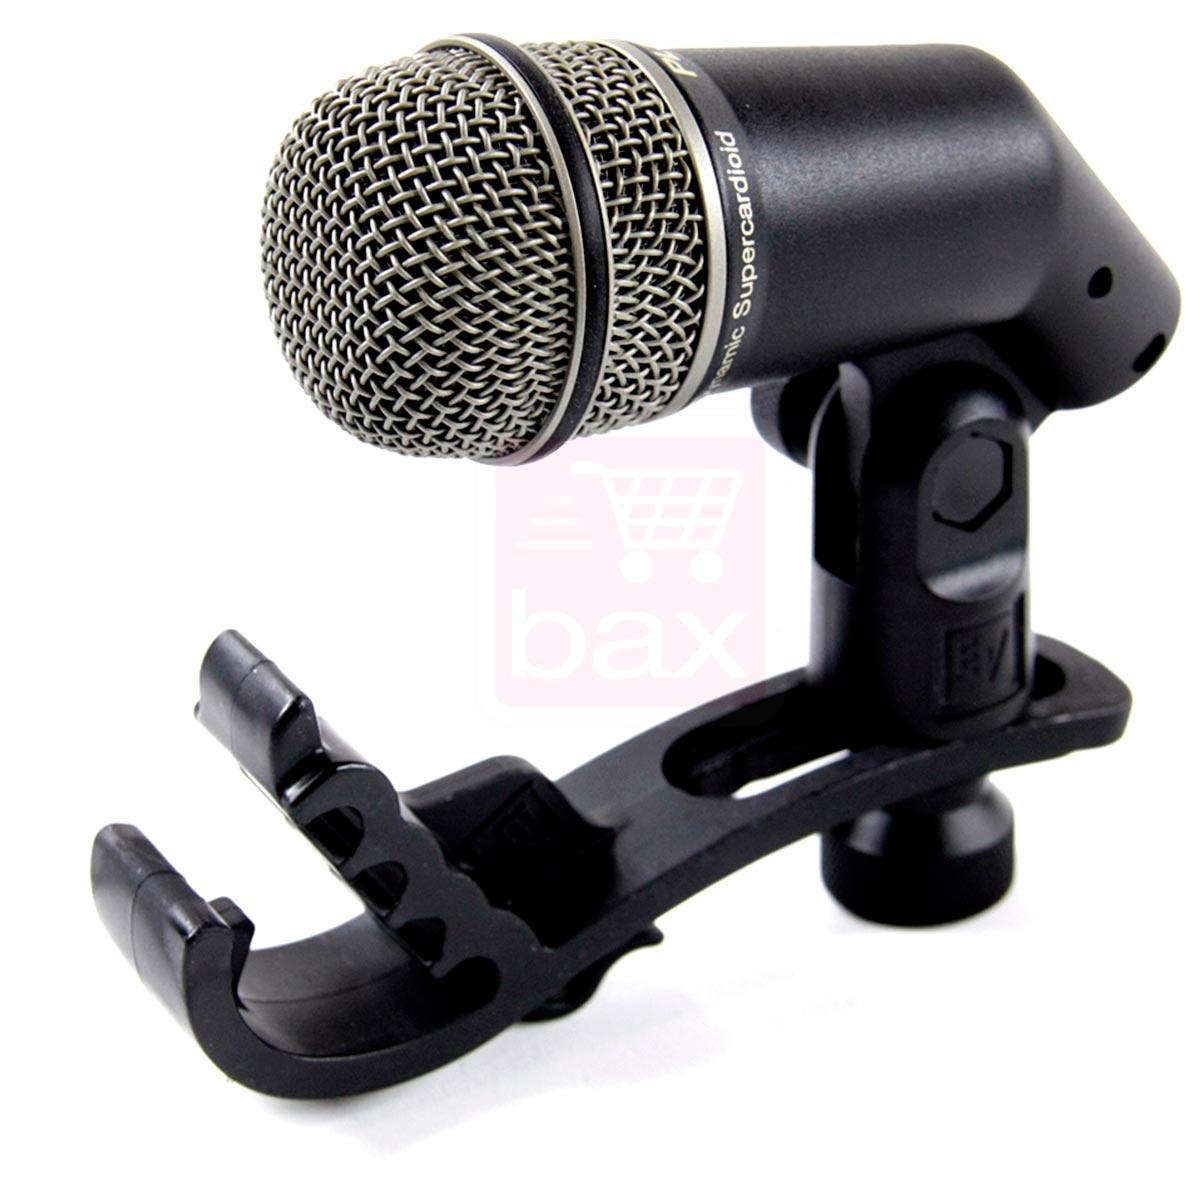 PL35 - Microfone c/ Fio p/ Caixa e Tom-Tom PL 35 - Electro-Voice